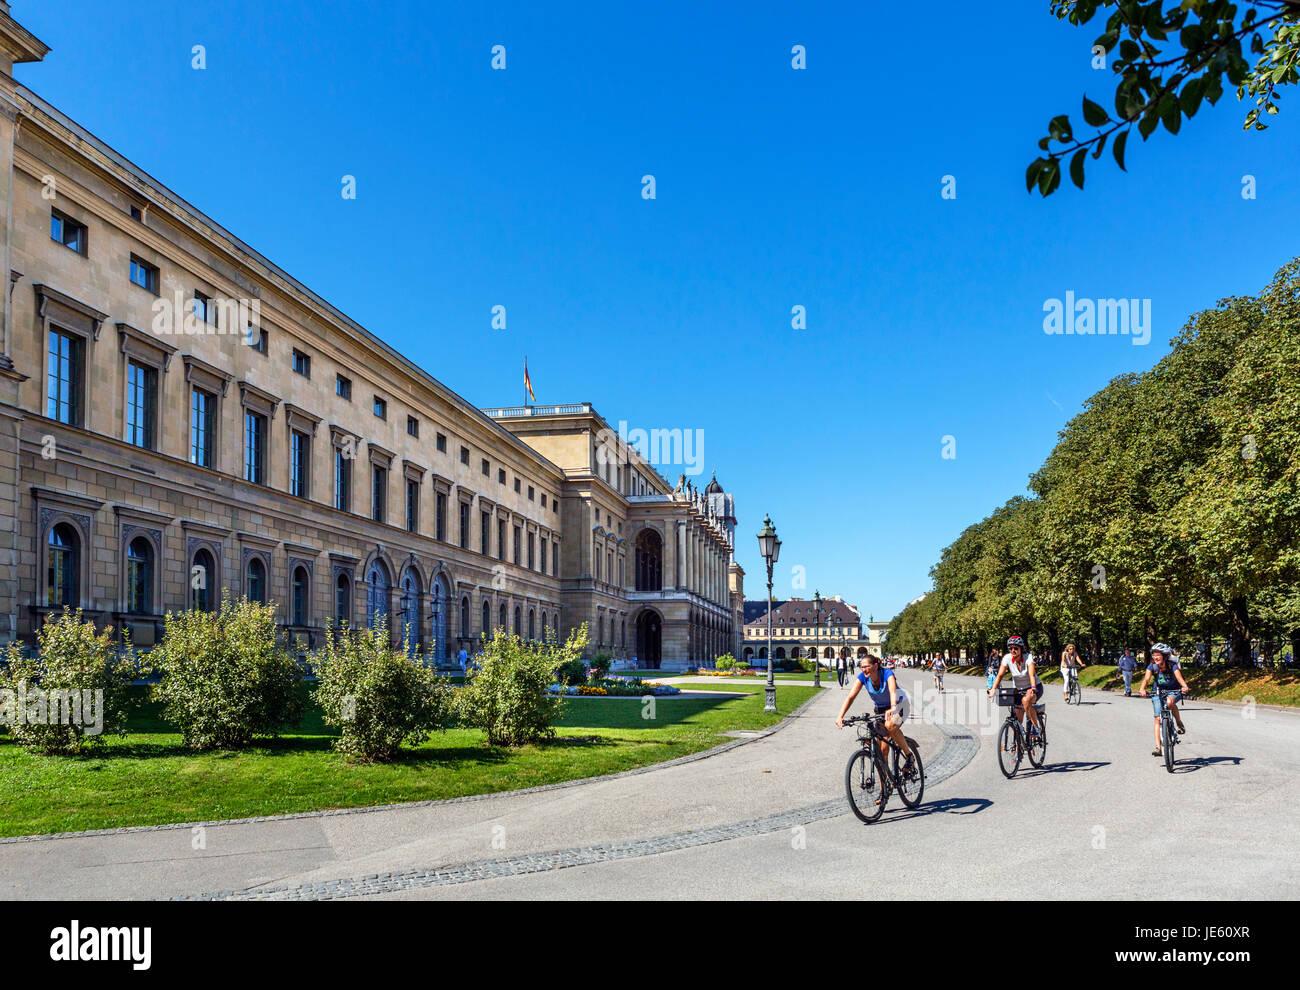 Monaco di Baviera Residenz. Il Hofgarten aspetto della Residenz, bavarese del Royal Palace, Monaco di Baviera, Germania Immagini Stock